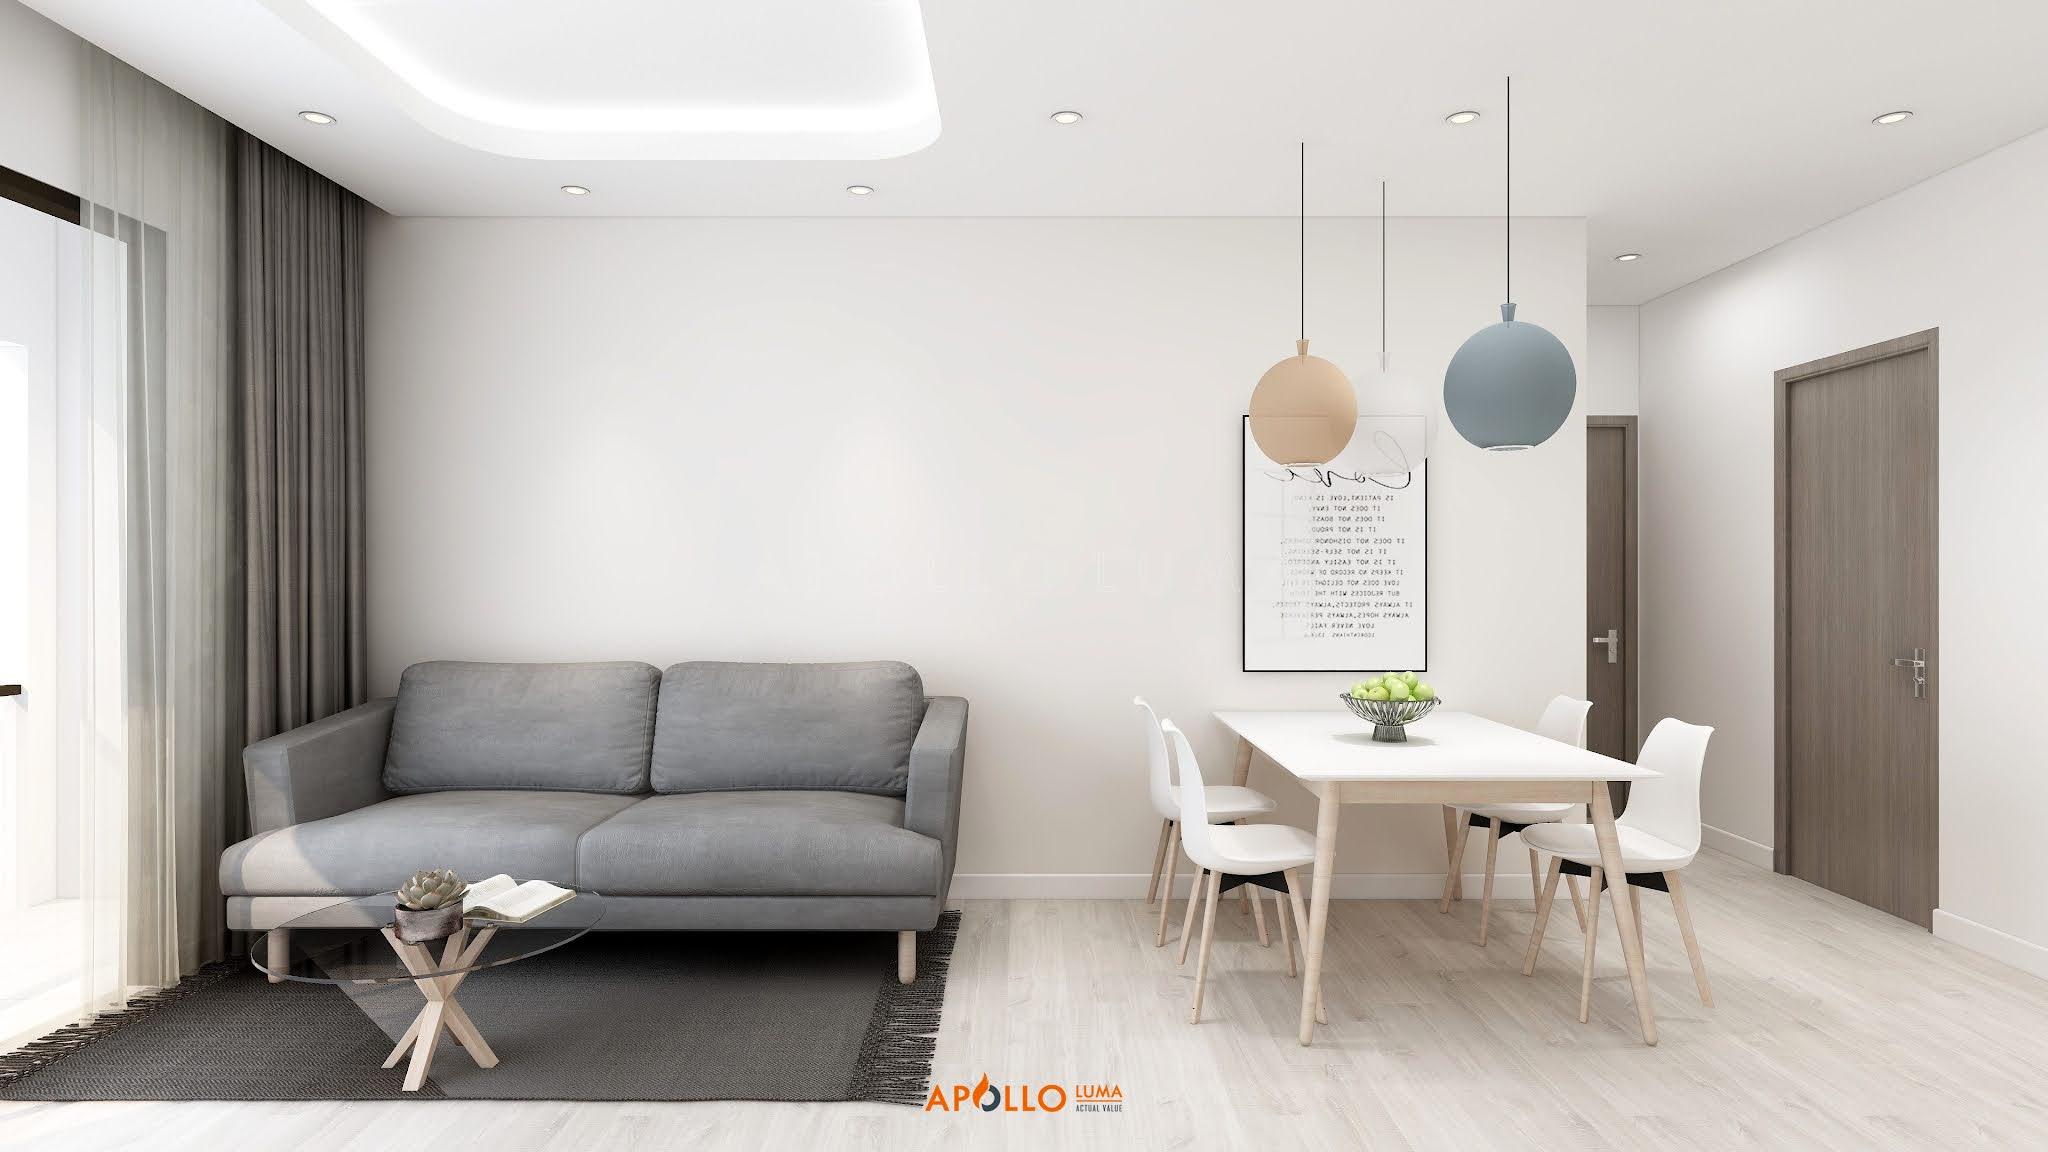 Thiết kế nội thất căn hộ 3PN The Terra An Hưng - Căn hộ số 11 (95.89m2)